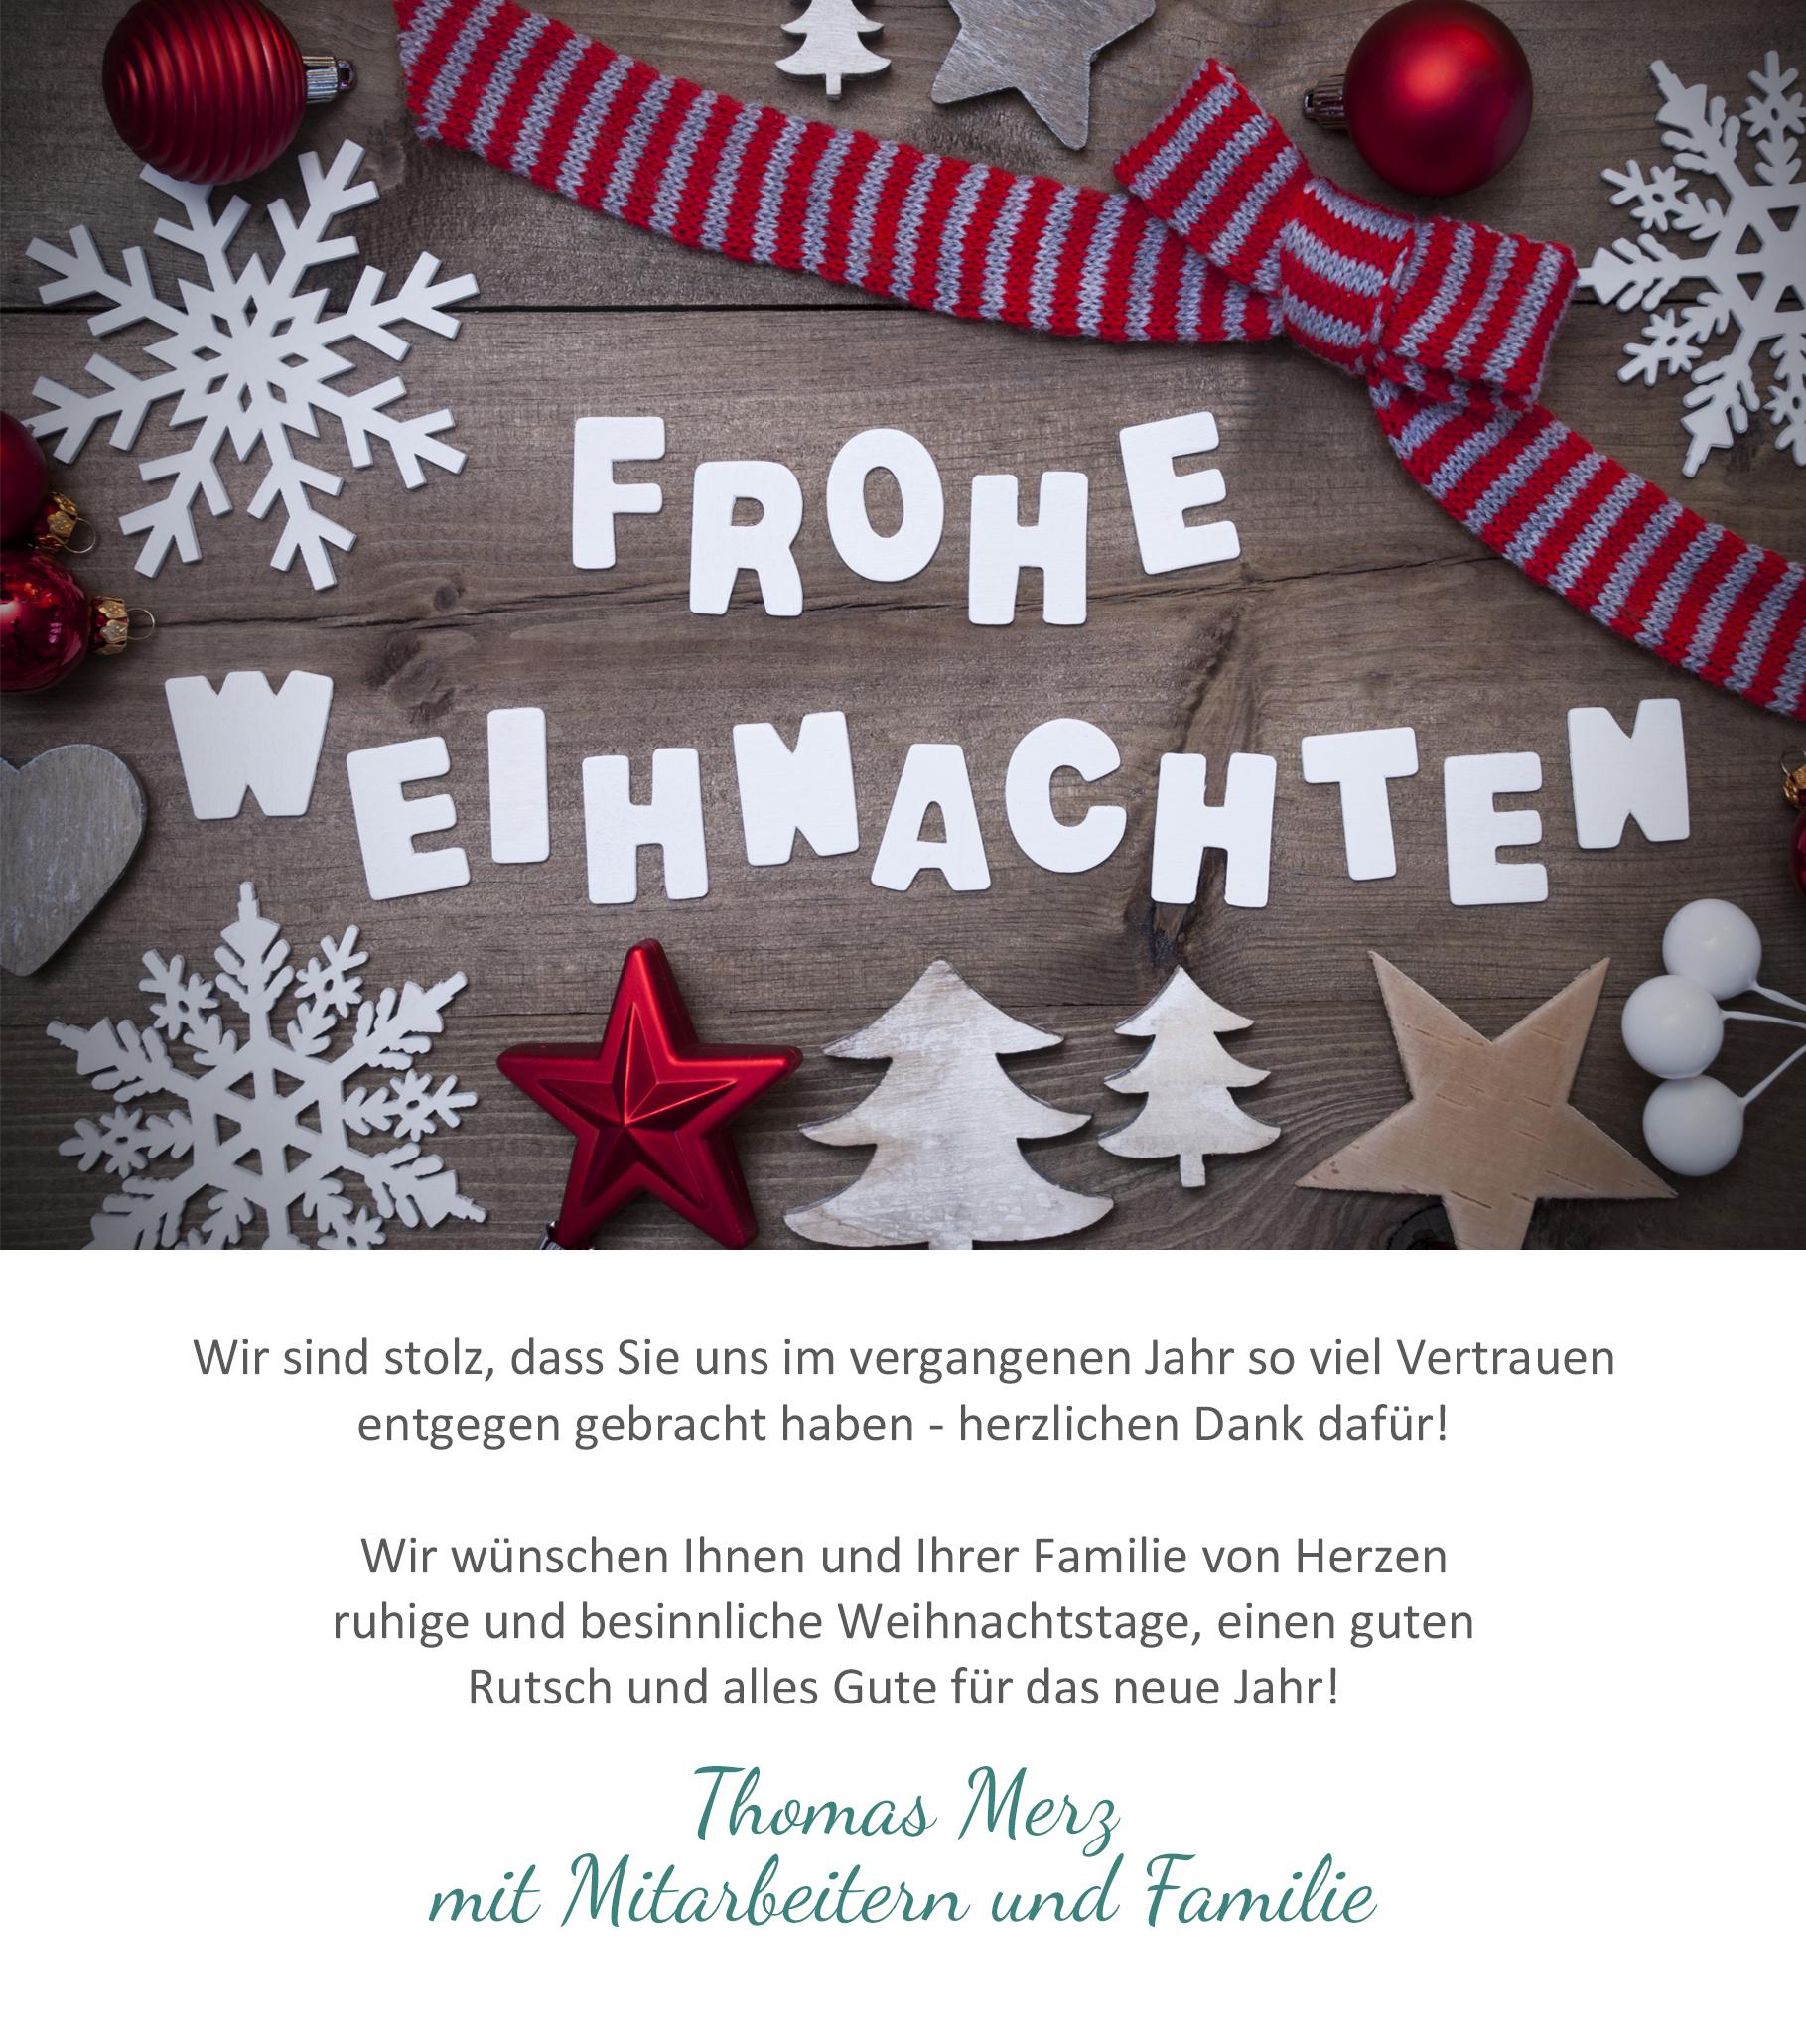 Weihnachtsgrüße Text Familie.Weihnachtsgruß Tischlerei Merz